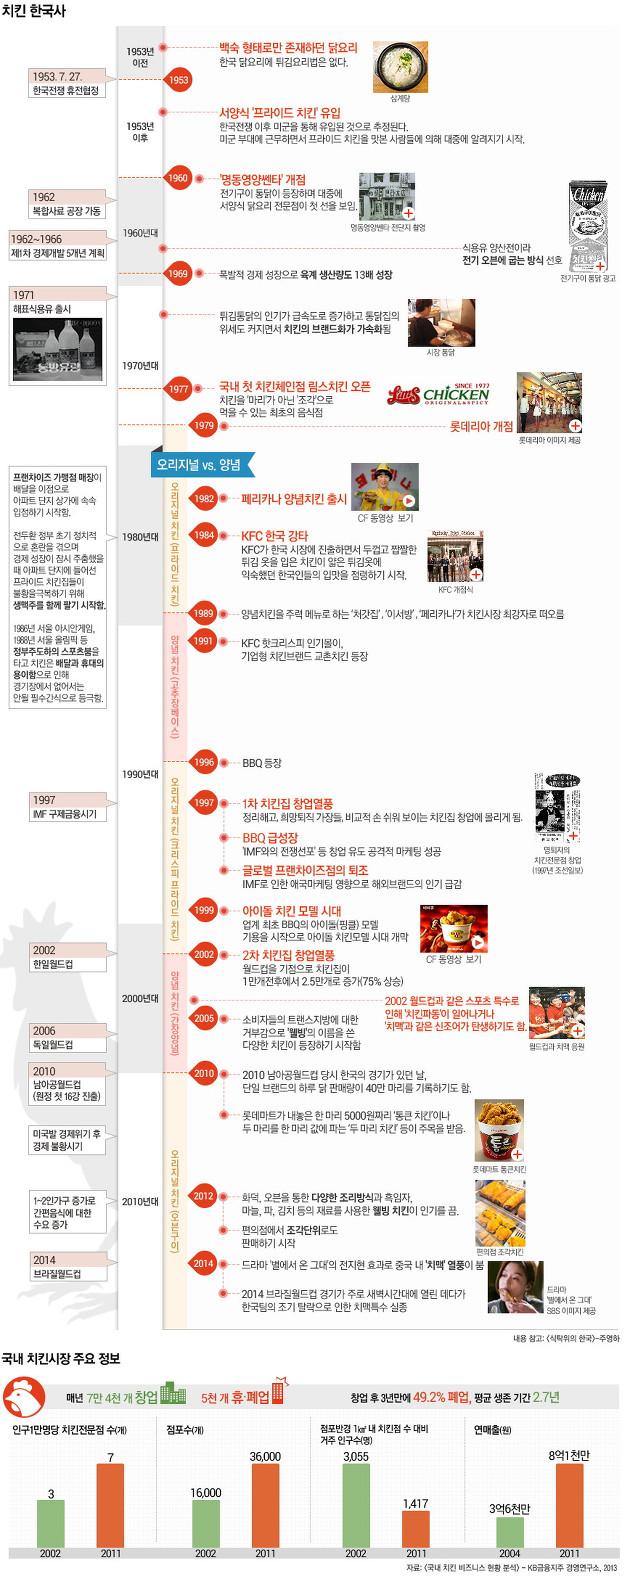 한국의 치킨 역사, 치킨 한국사